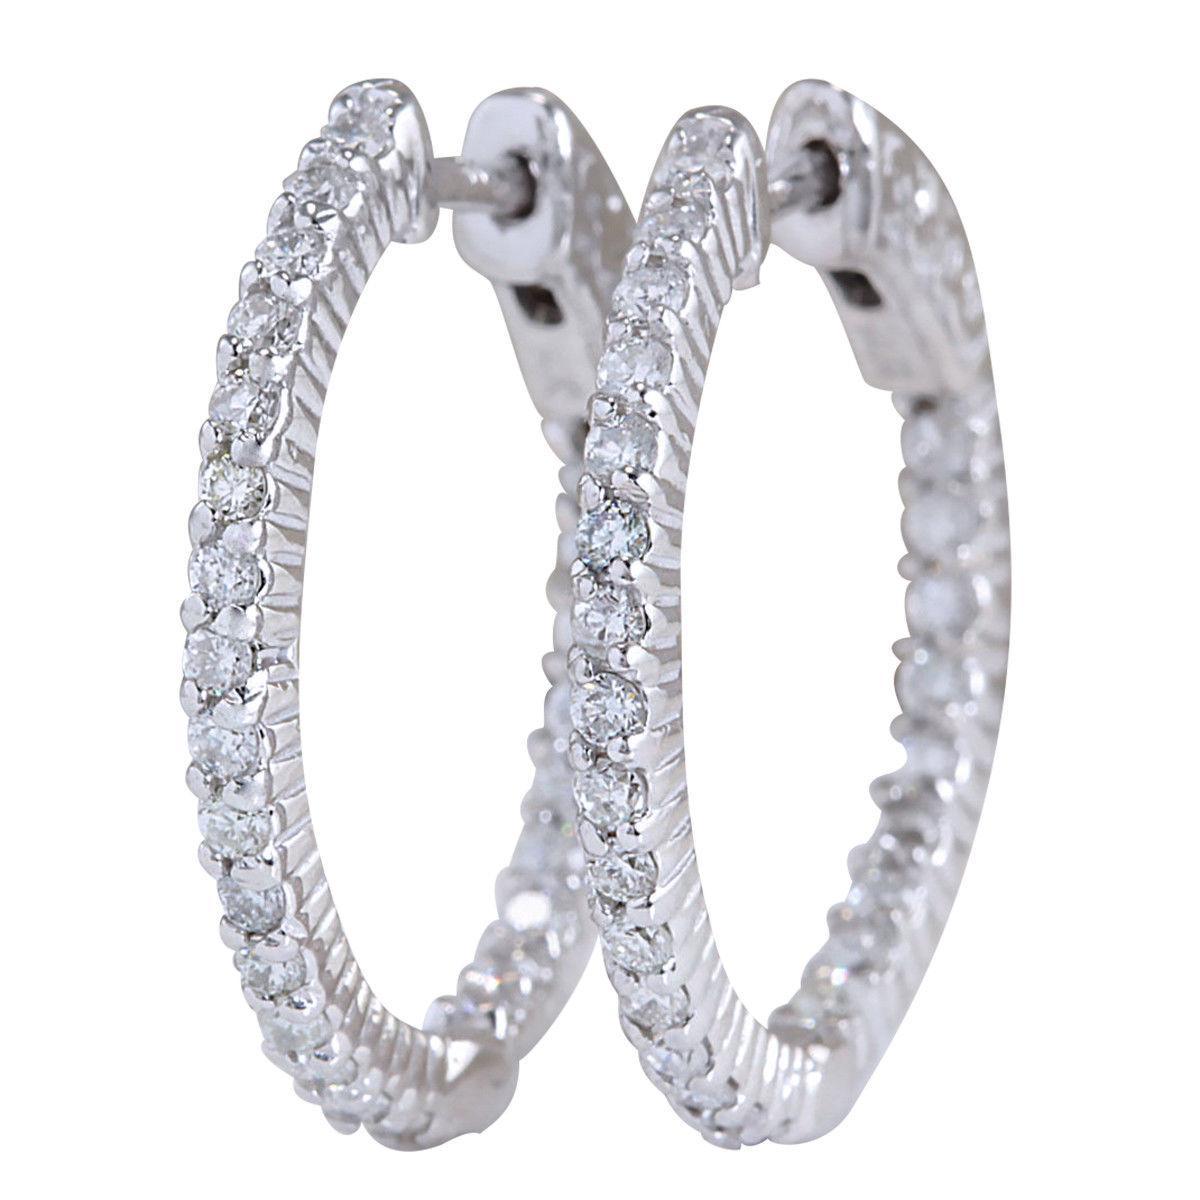 Золоті сережки кільця з діамантами 1.26 карата .Проба 14К Сертифікат.